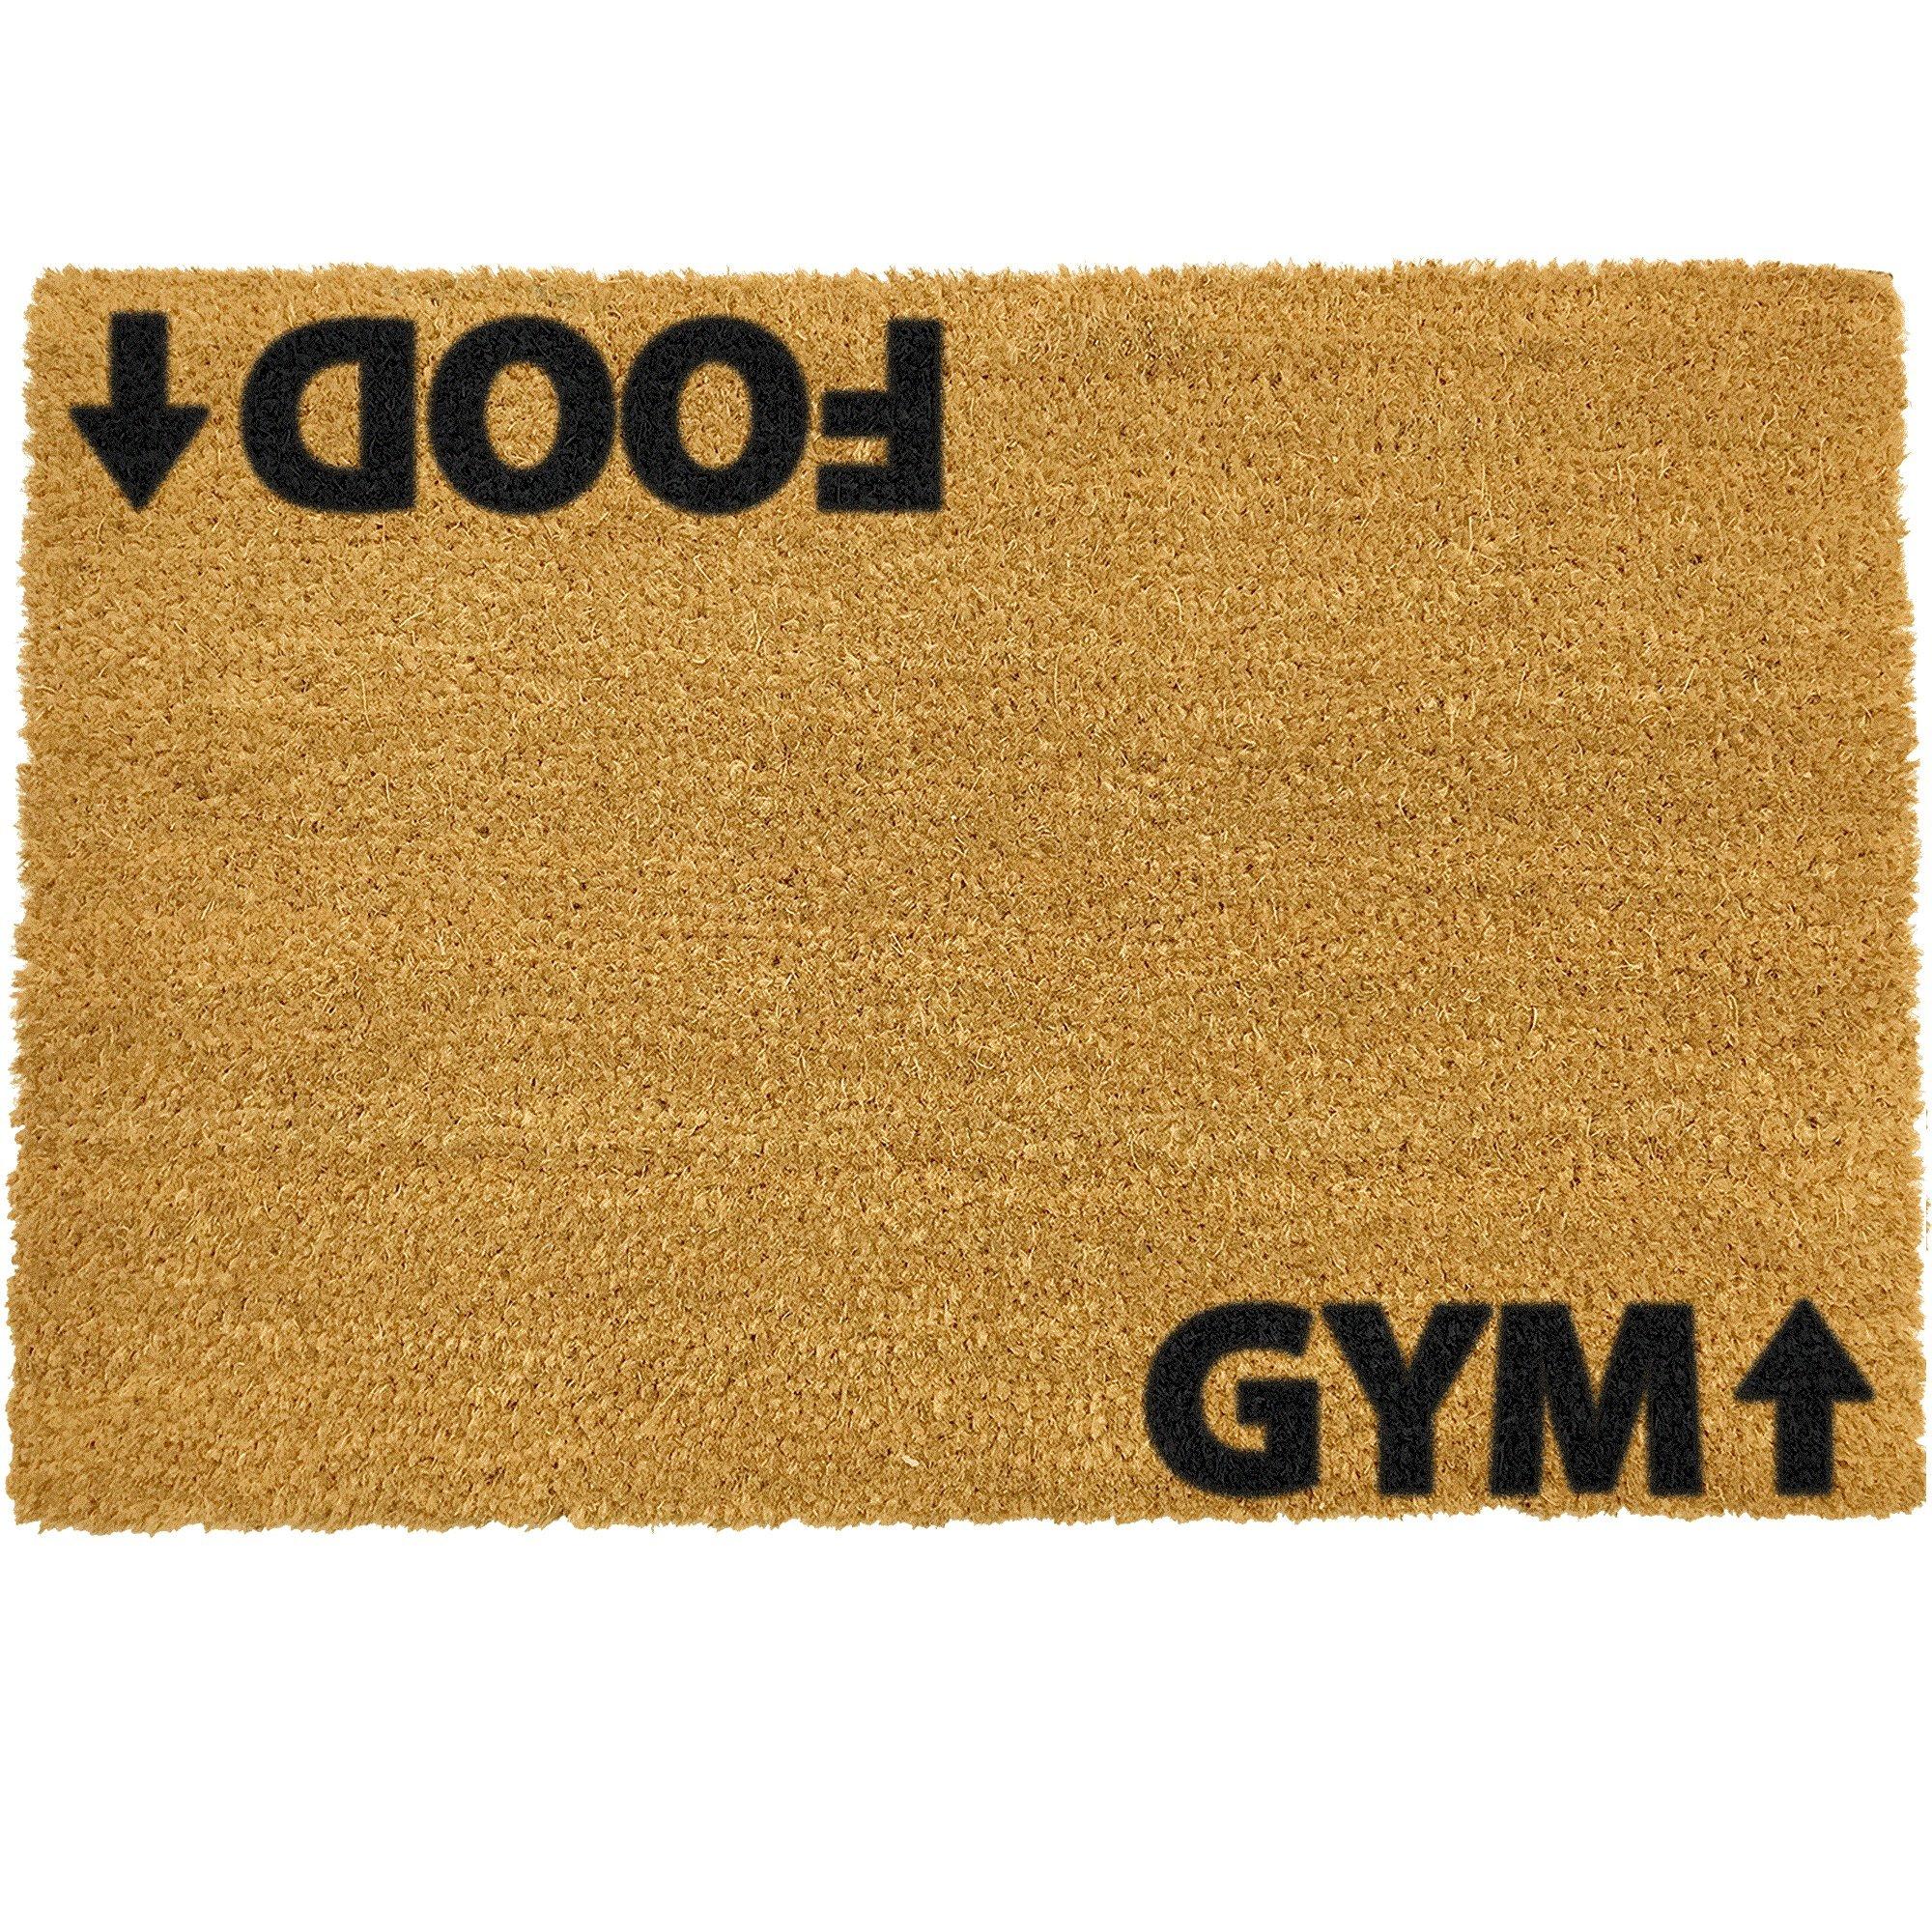 CKB Ltd Food Gym Novelty Doormat Unique Doormats Front / Back Door Mats Made With A Non-Slip Pvc Backing - Natural Coir - Indoor & Outdoor